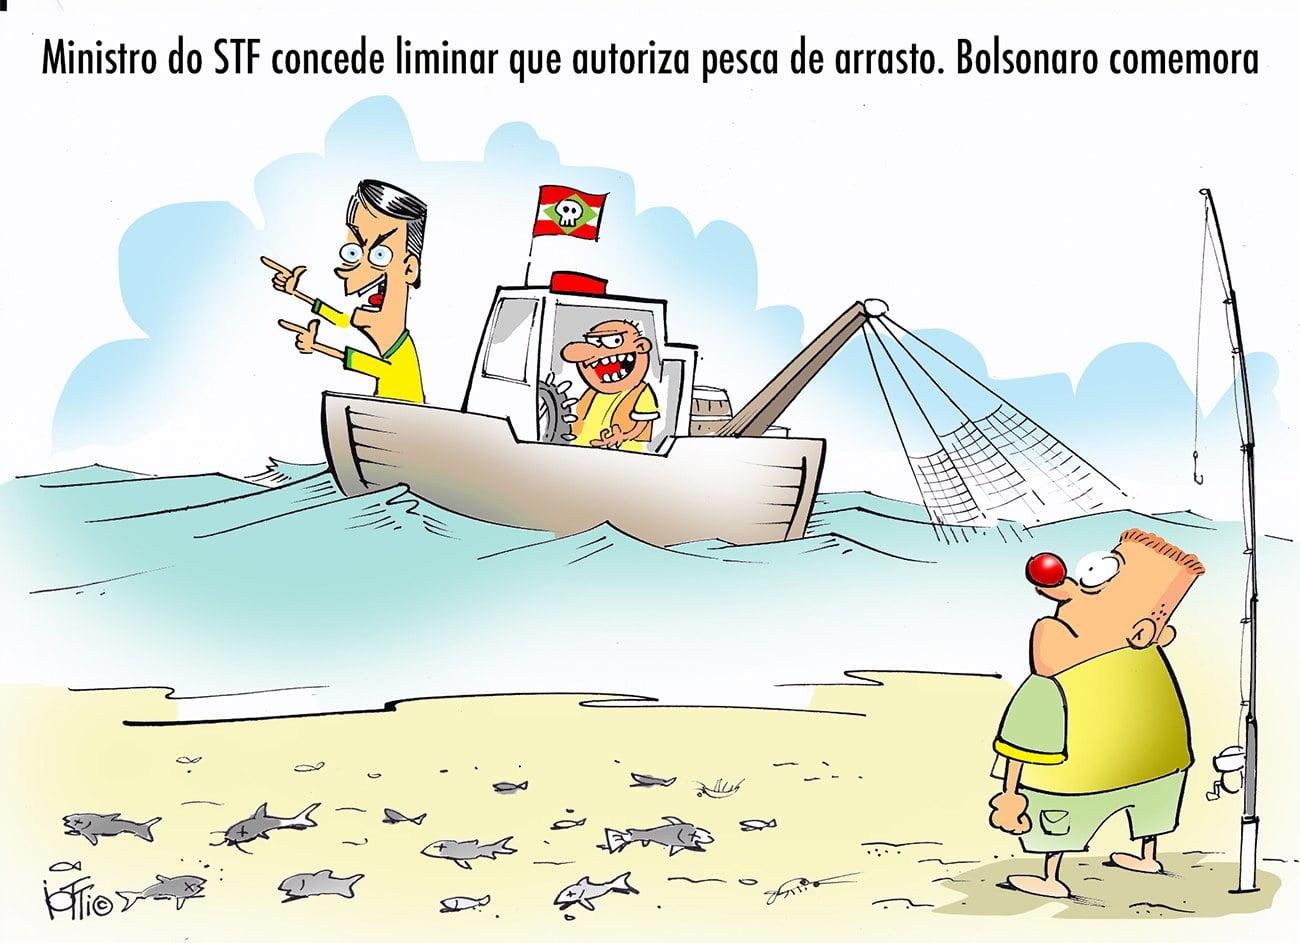 Ilustração alusiva à Pesca de arrasto no litoral gaúcho